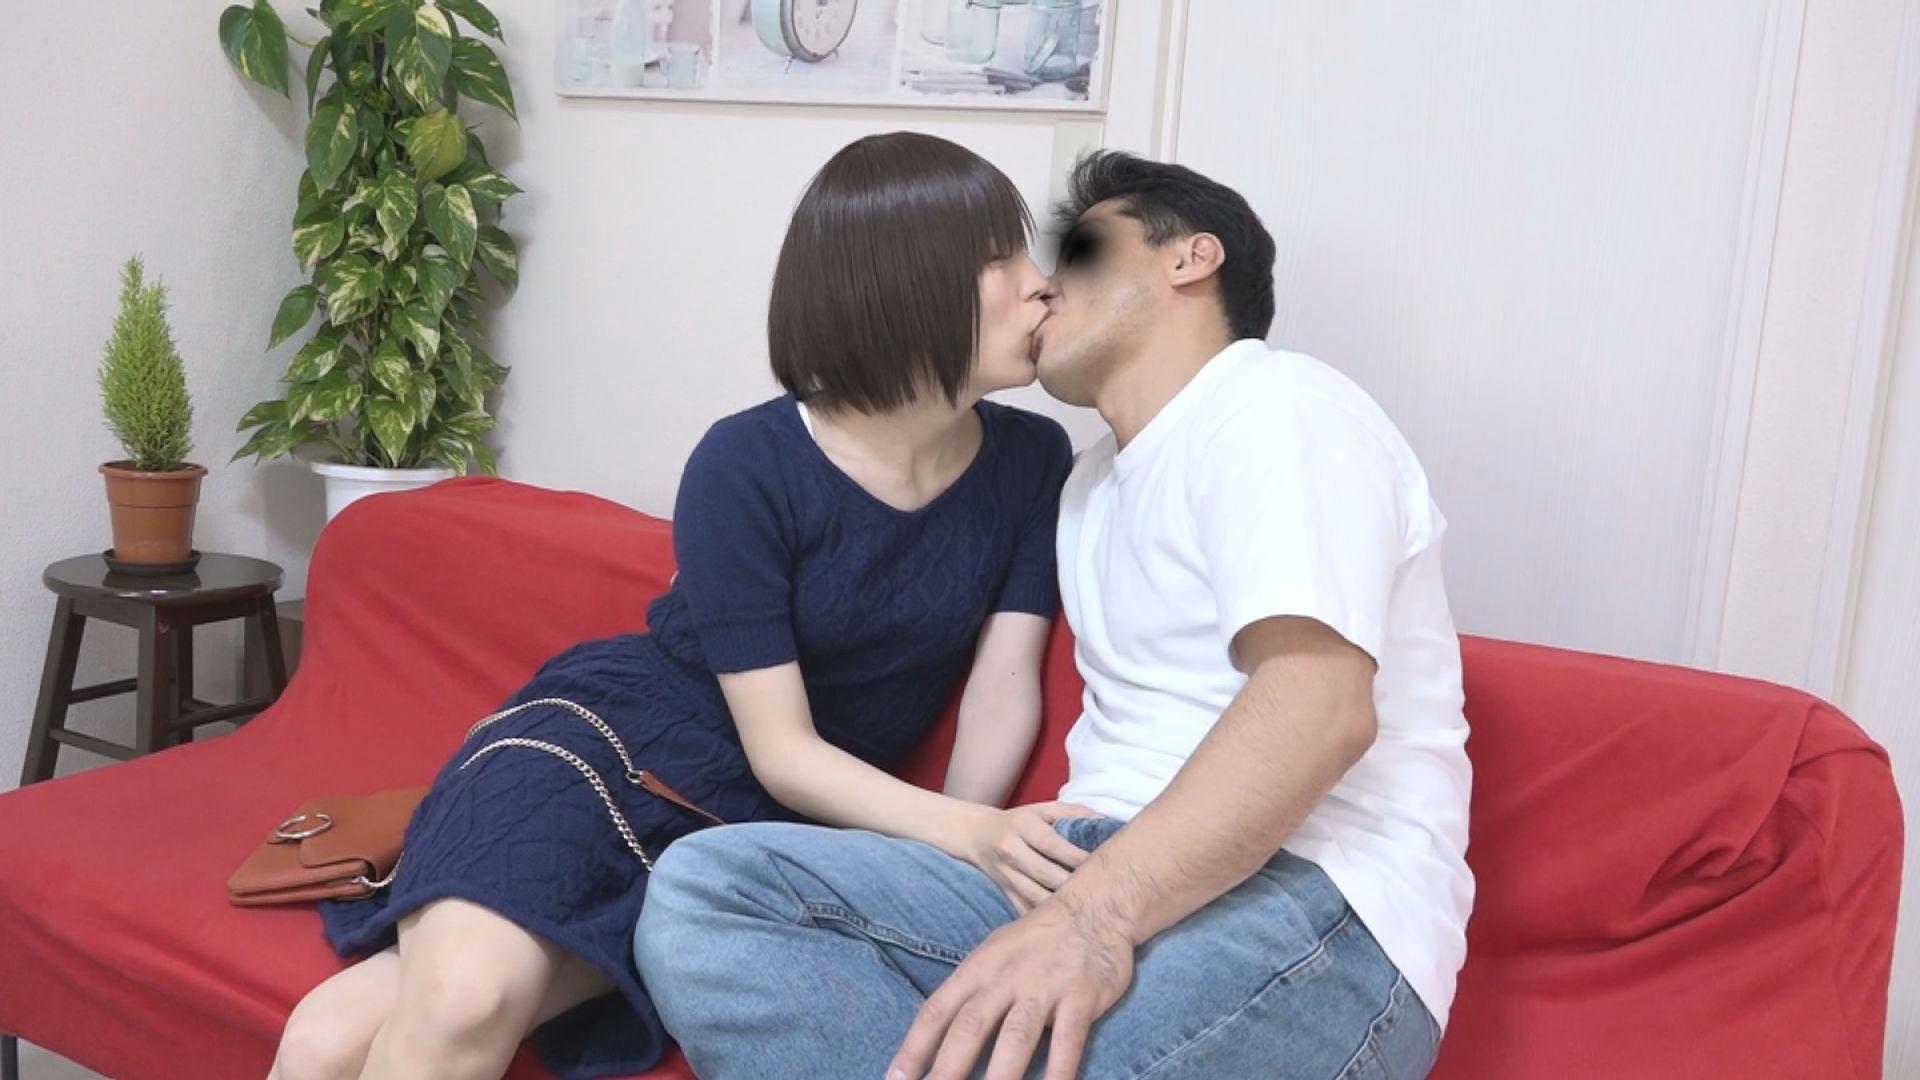 都内公衆便所でピンサロ闇営業する美少女の正体はおしゃぶり中毒の激カワ竿アリ玉アリ男の娘でした。RUMI(20)のサンプル画像4